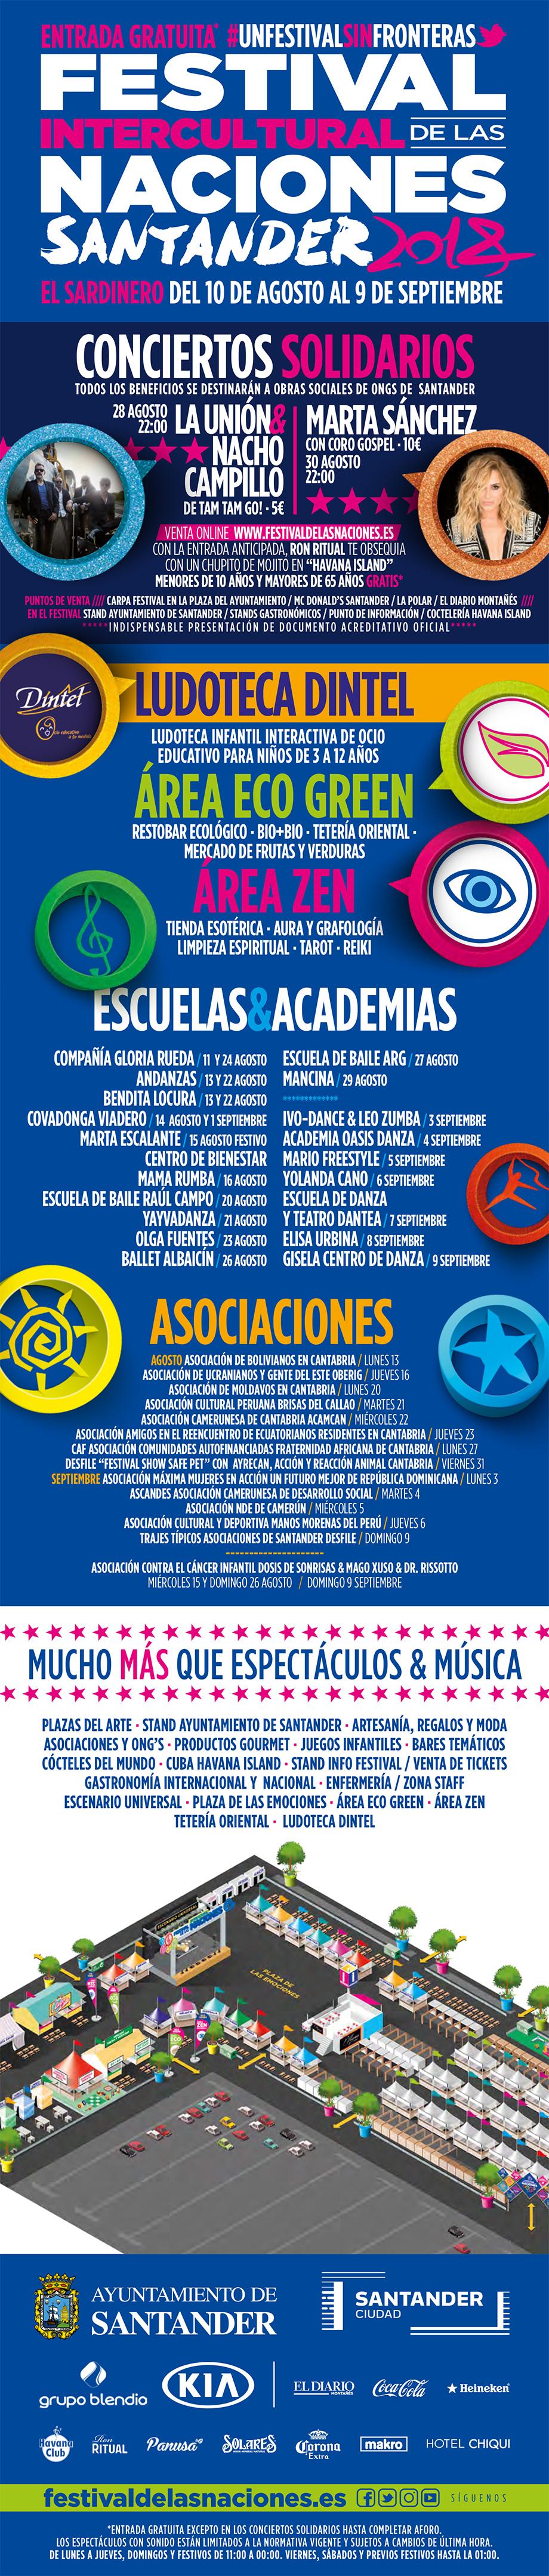 Áreas, escuelas, academias y asociaciones Santander 2018